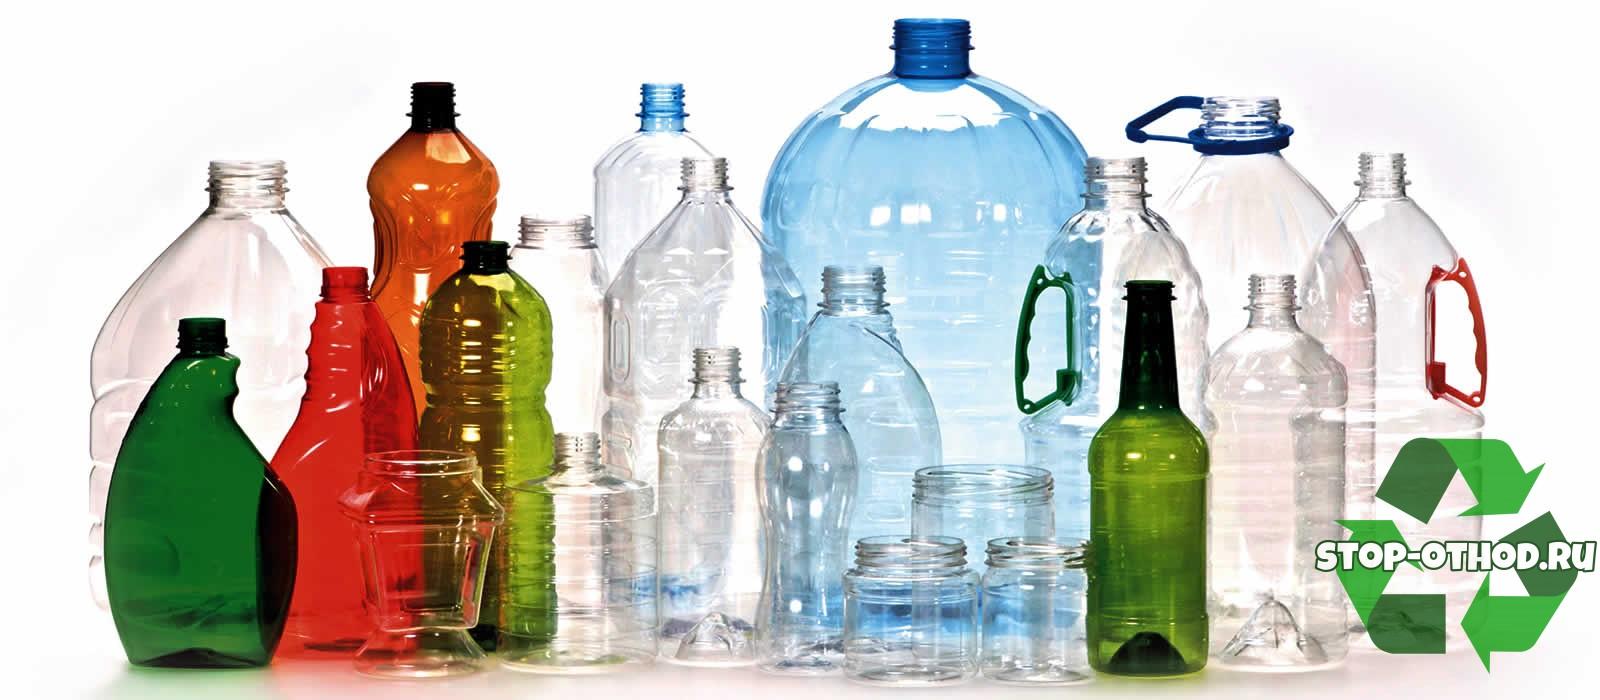 Разные бутылки